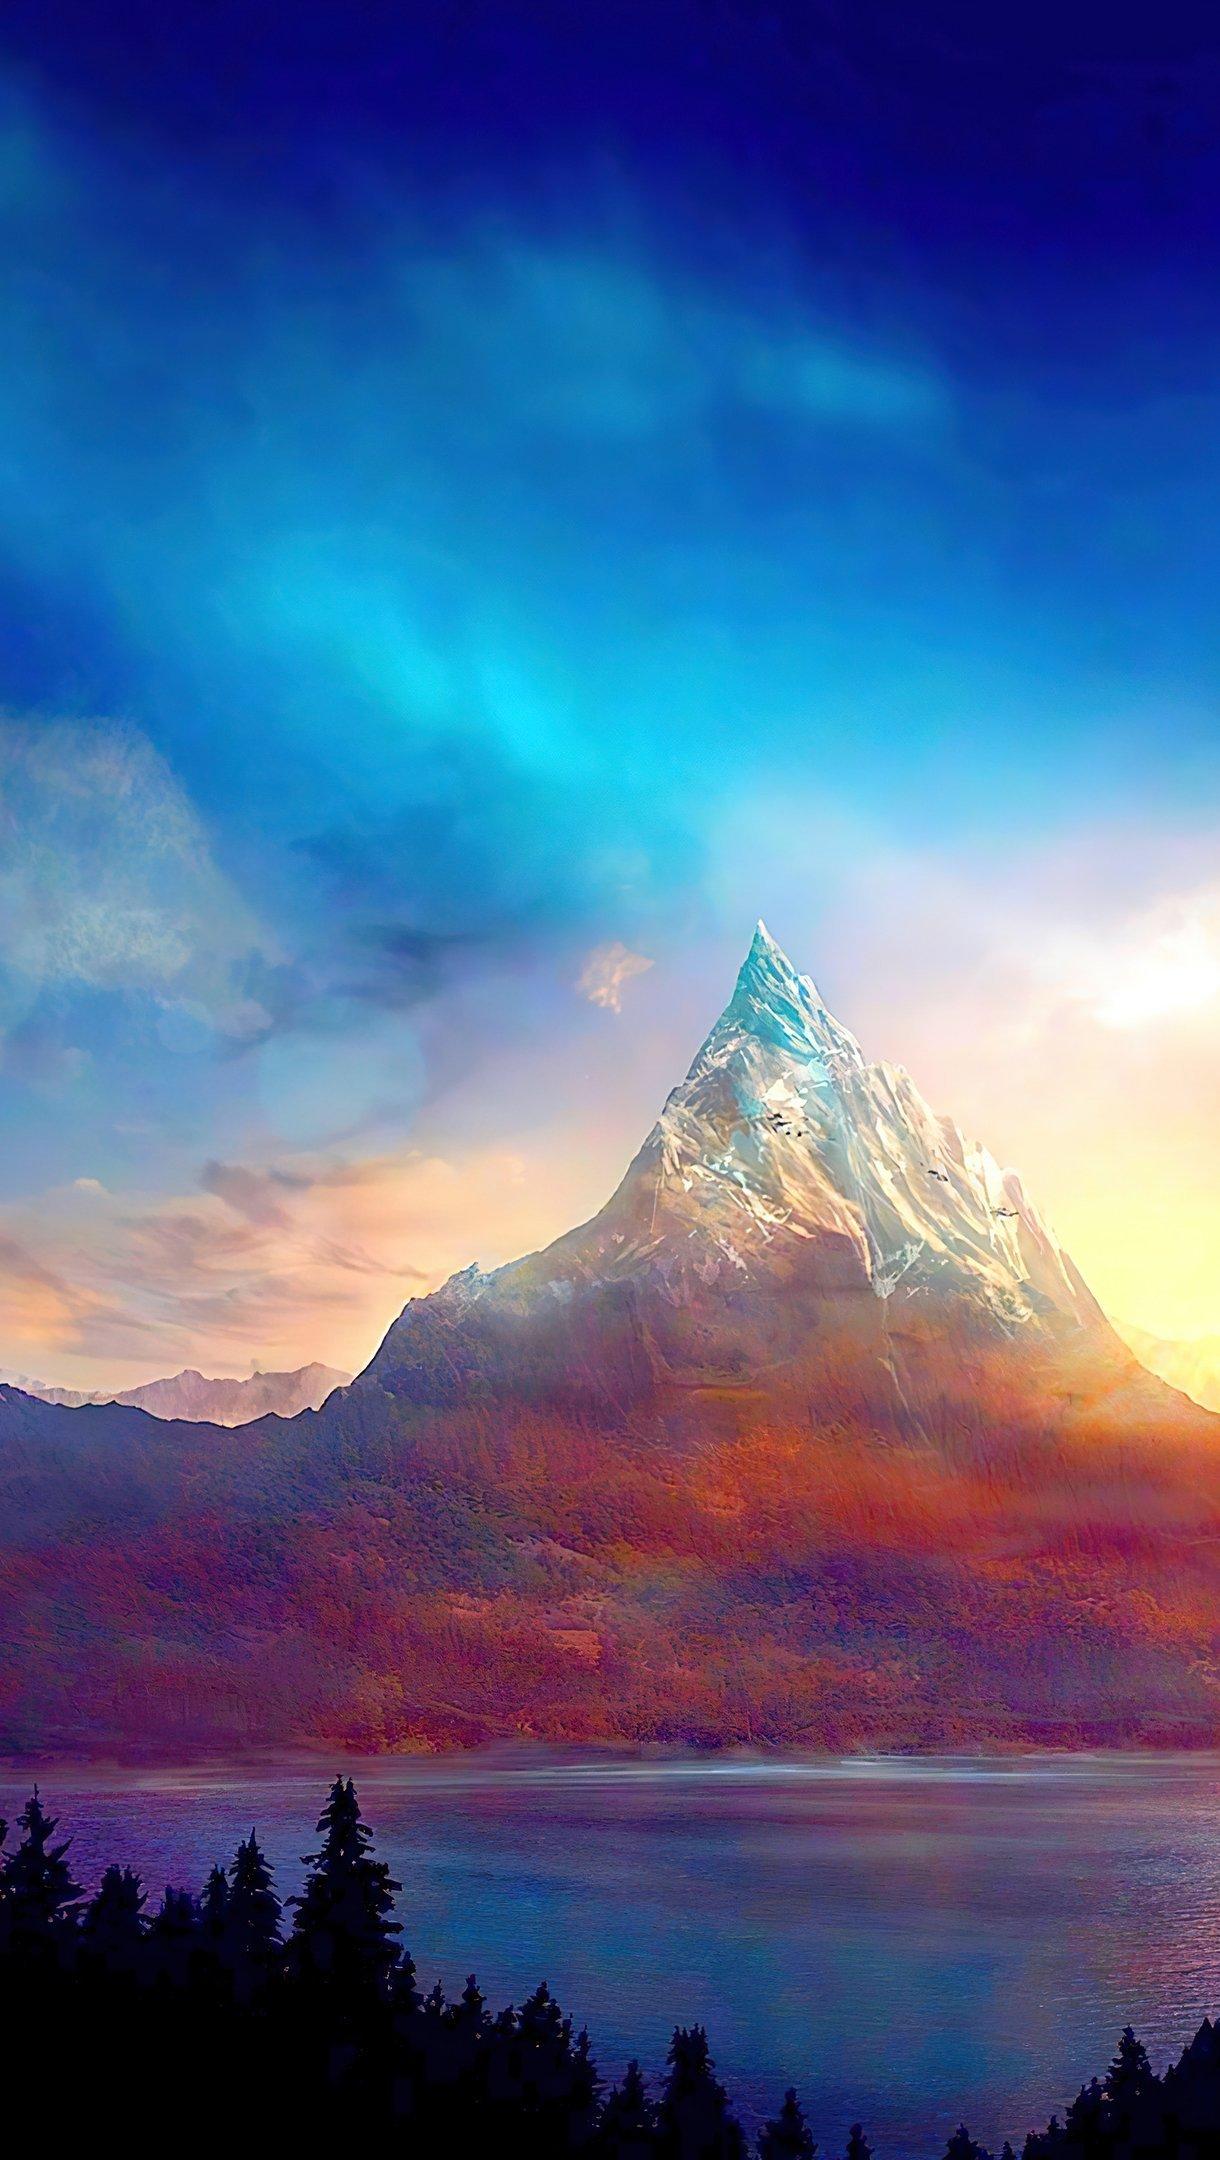 Fondos de pantalla Montaña colorida al atardecer Vertical